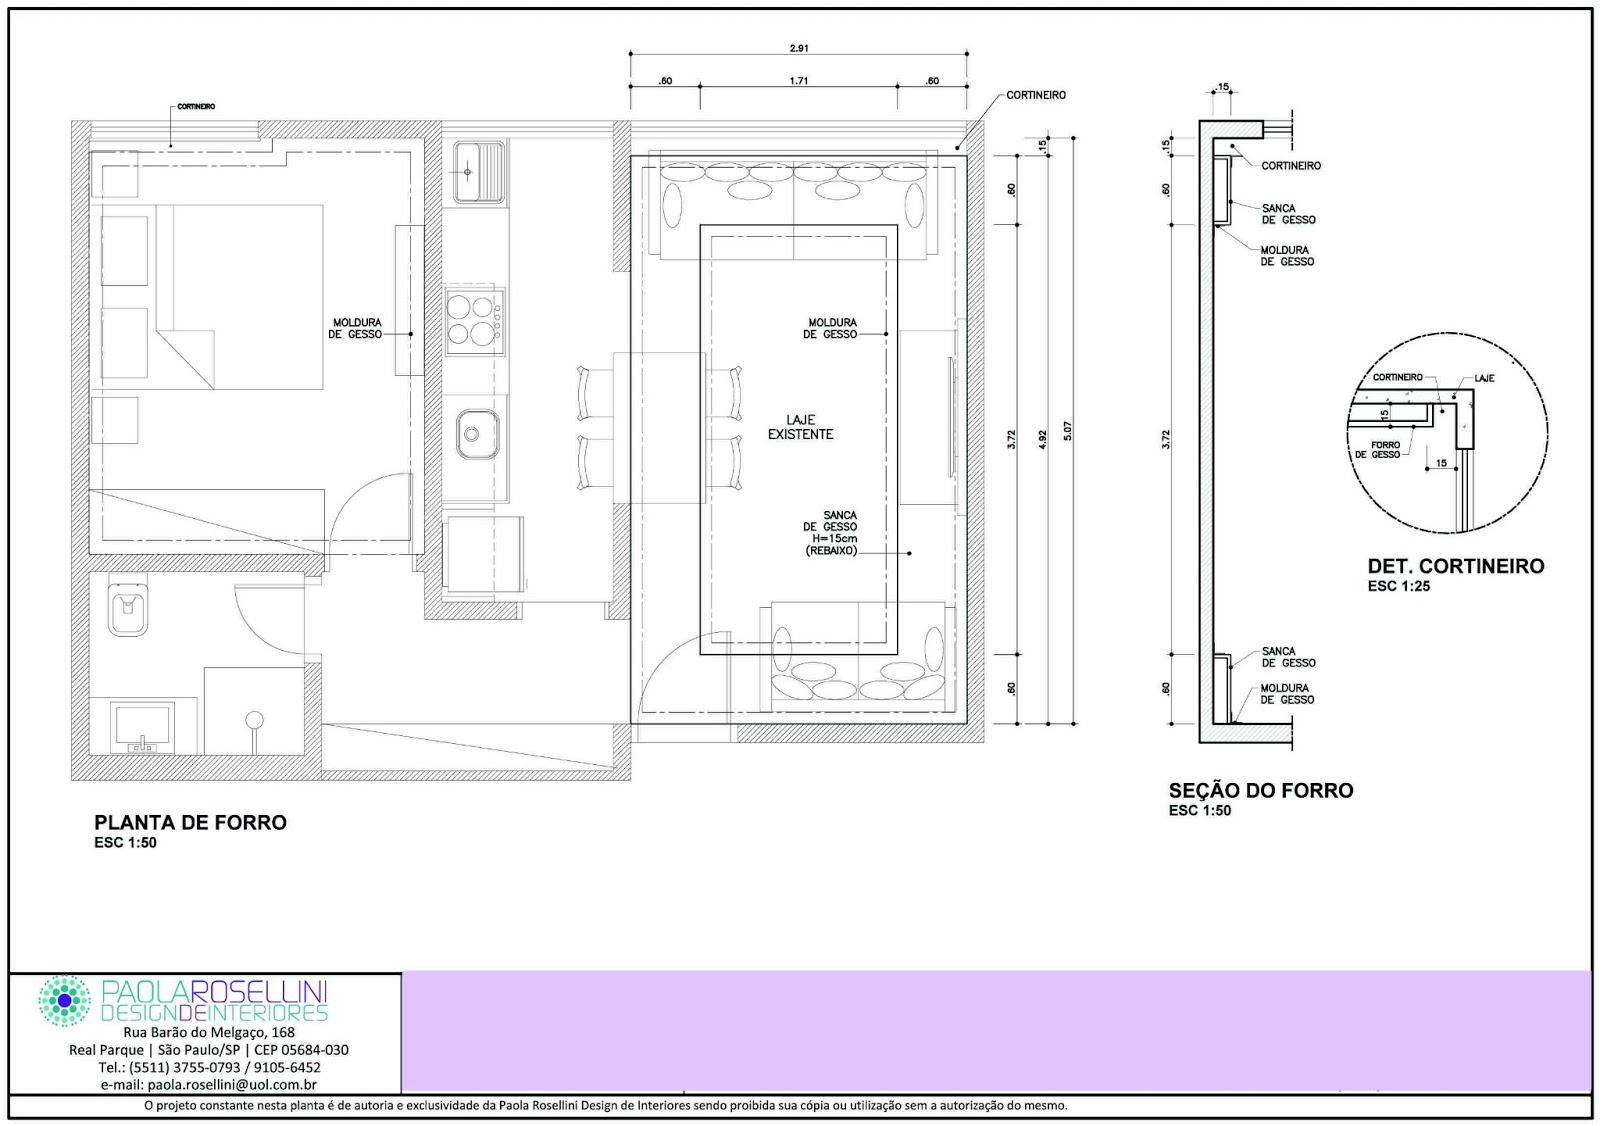 projeto de iluminação e complementos na decoração como sancas e #2300CC 1600 1126